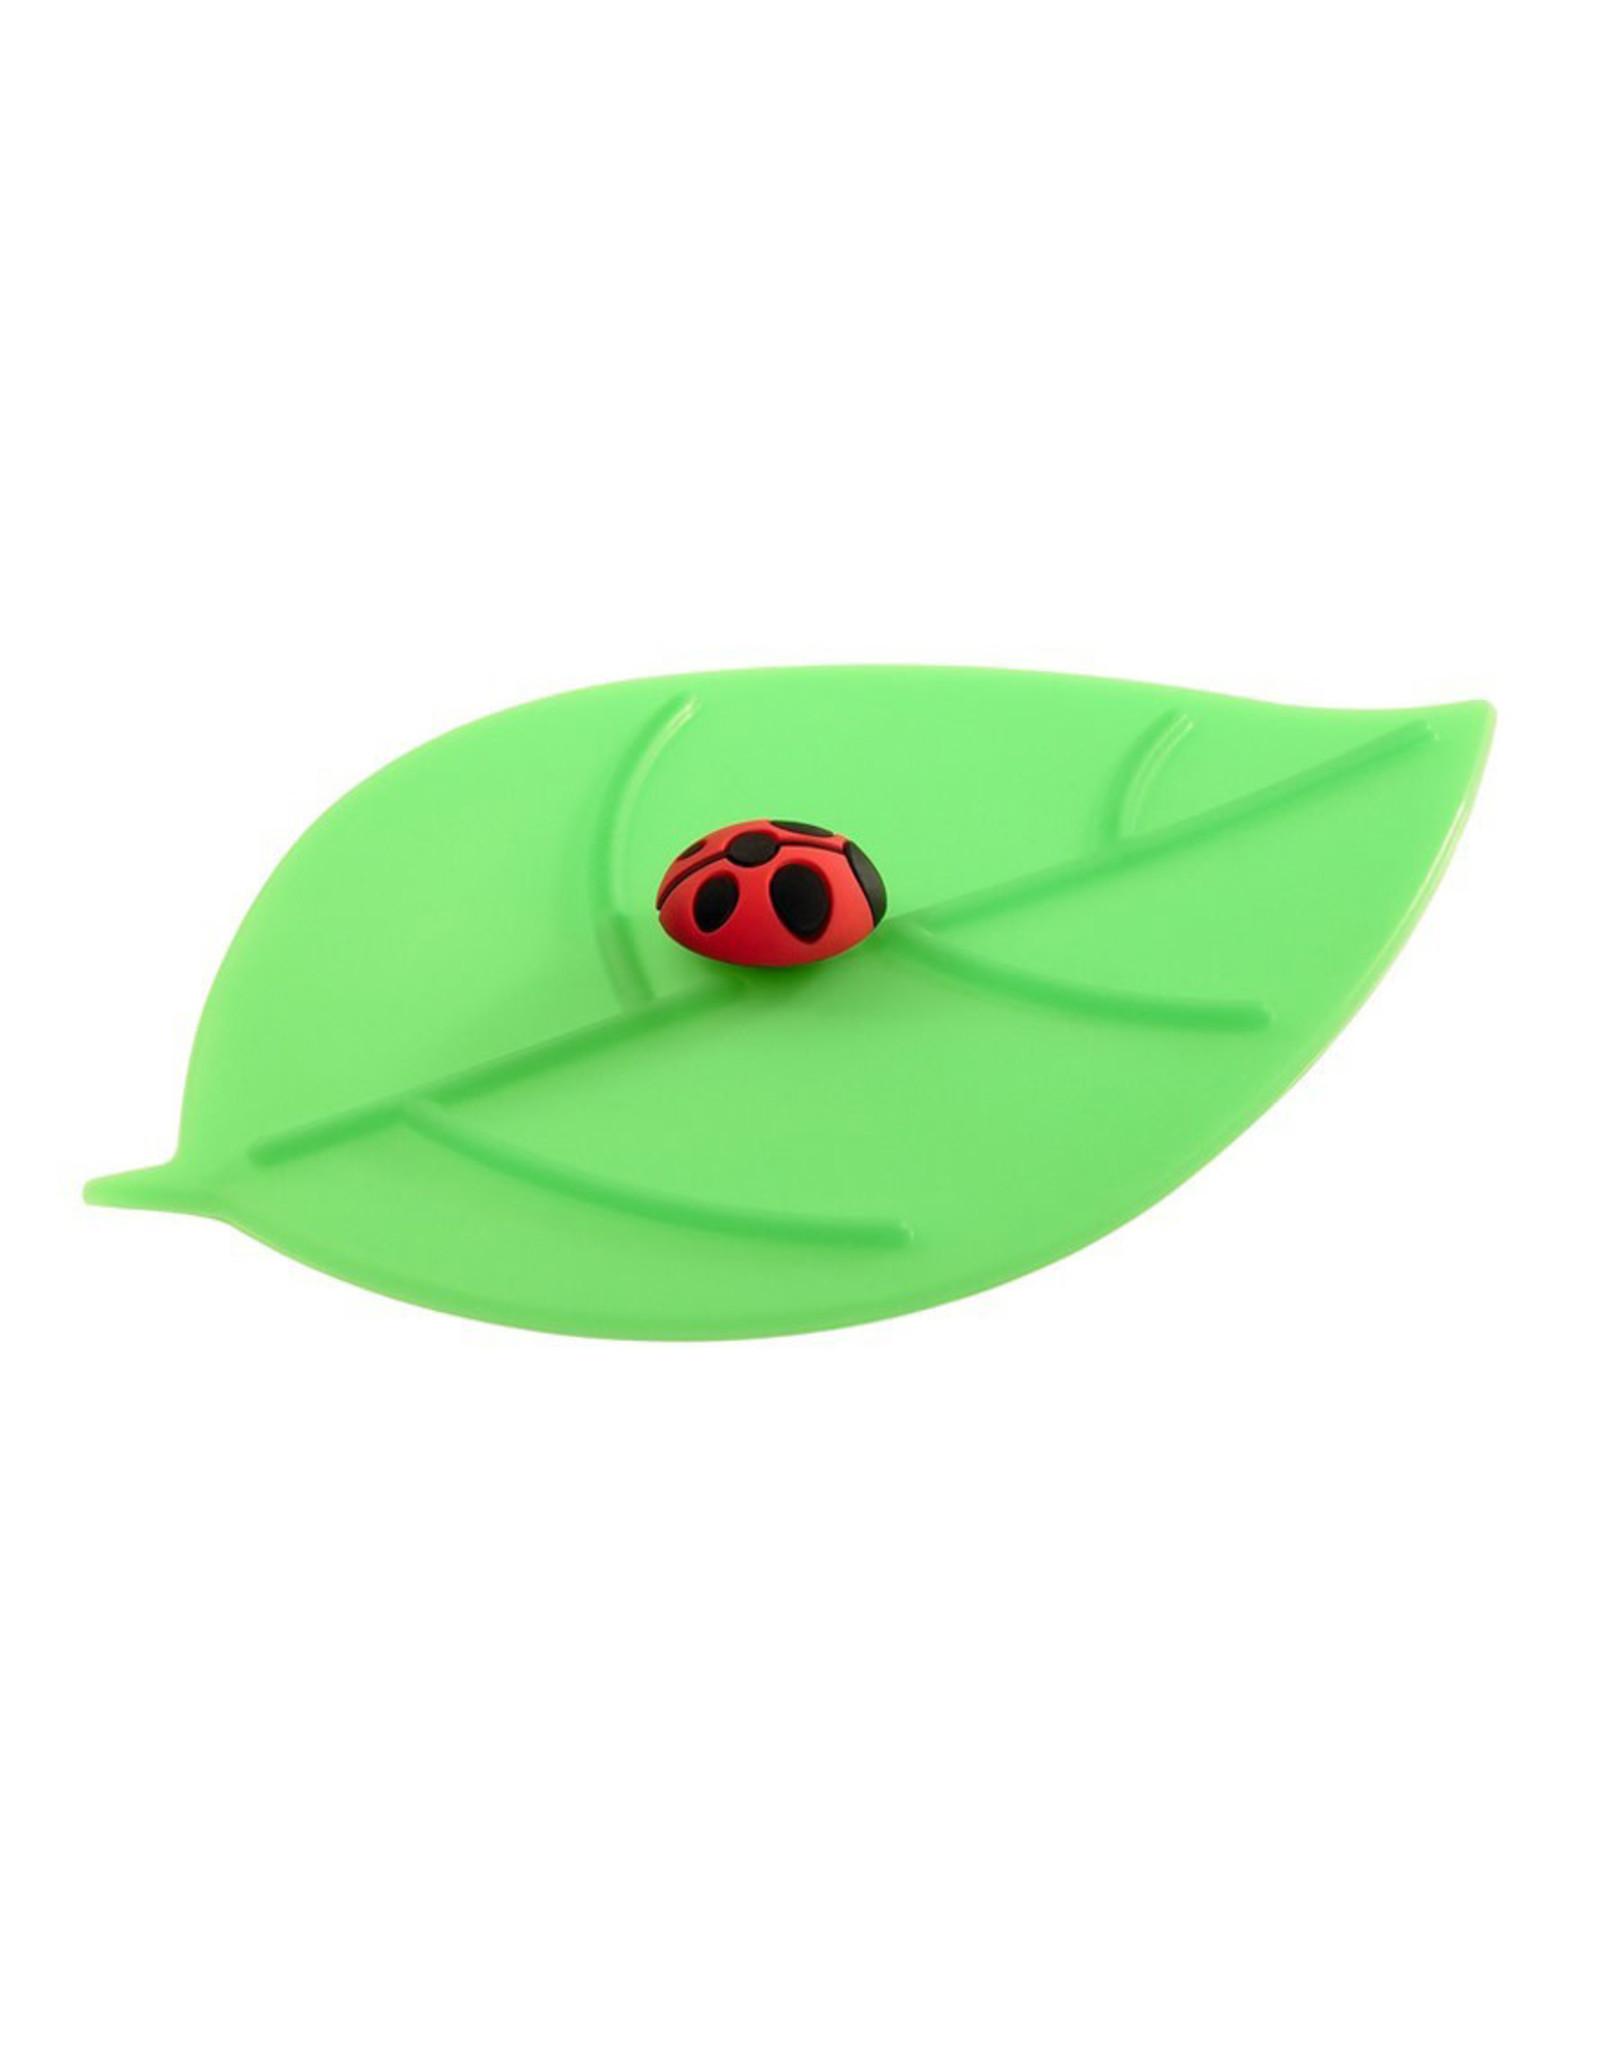 Deksel glas blad lieveheersbeestje